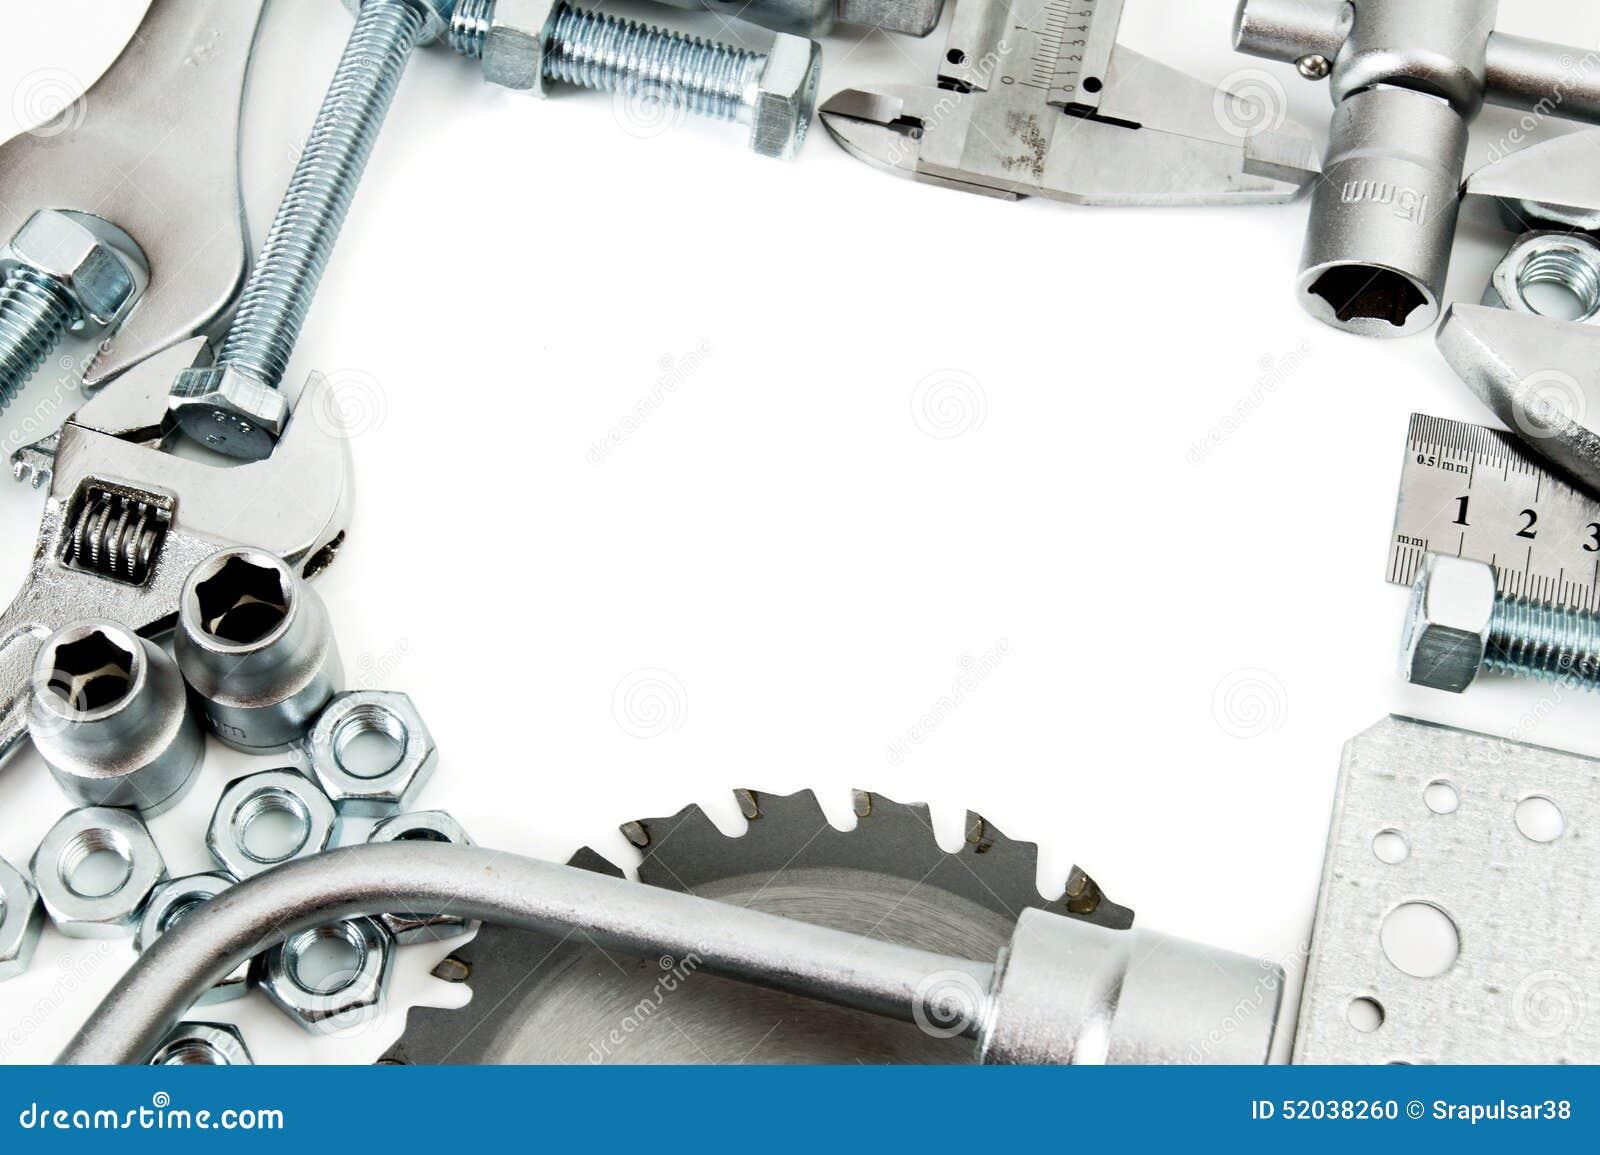 Metalwork Regla, llave, tornillo y otros herramientas